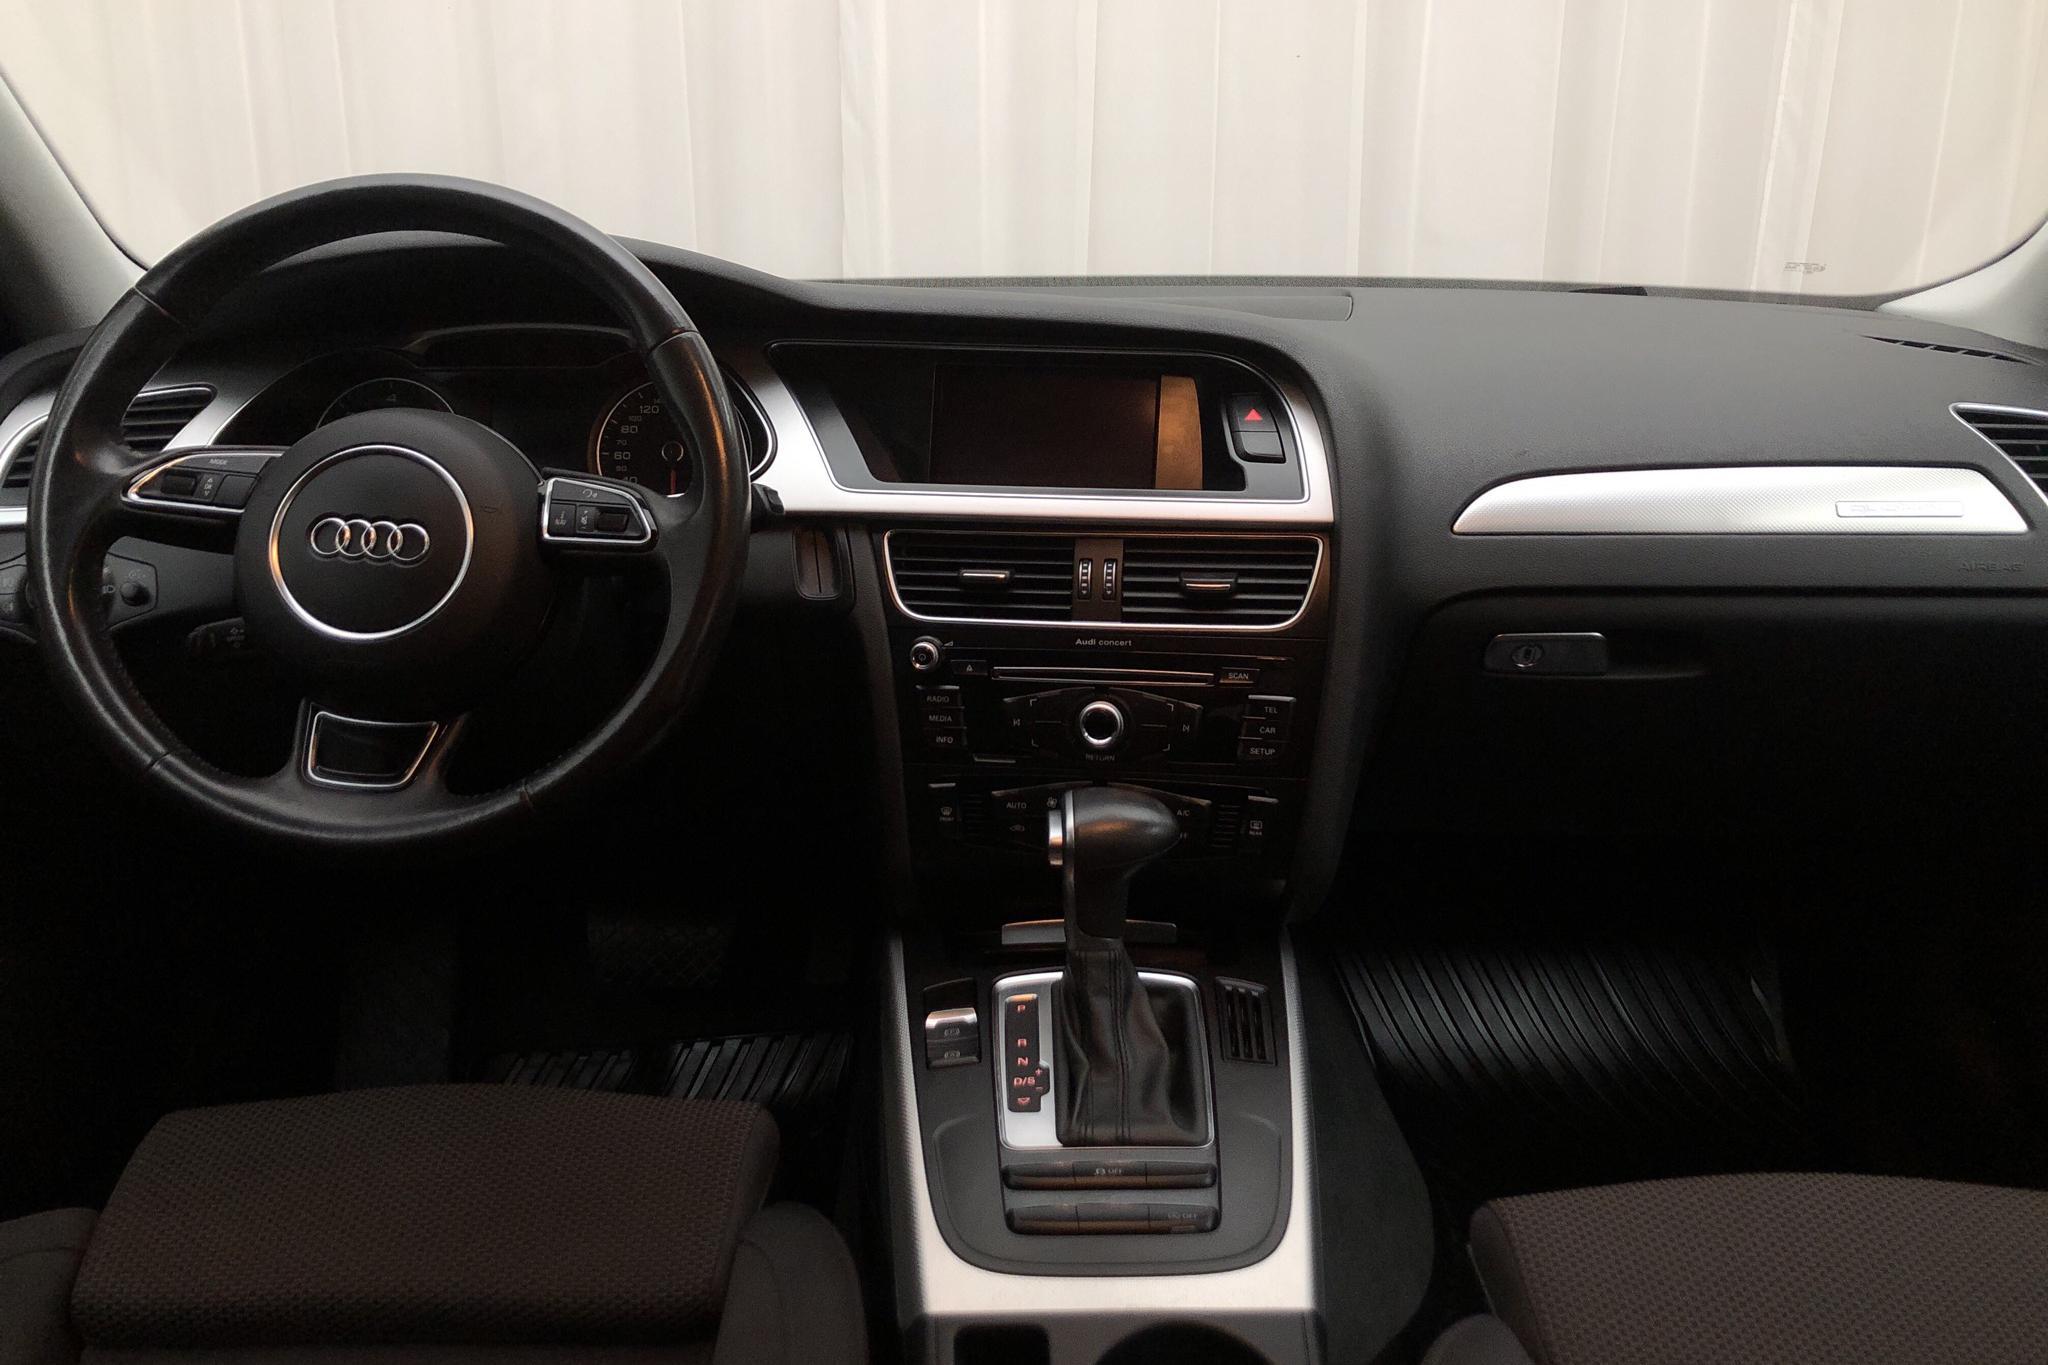 Audi A4 Allroad 2.0 TDI clean diesel Avant quattro (190hk) - 8 690 mil - Automat - svart - 2016